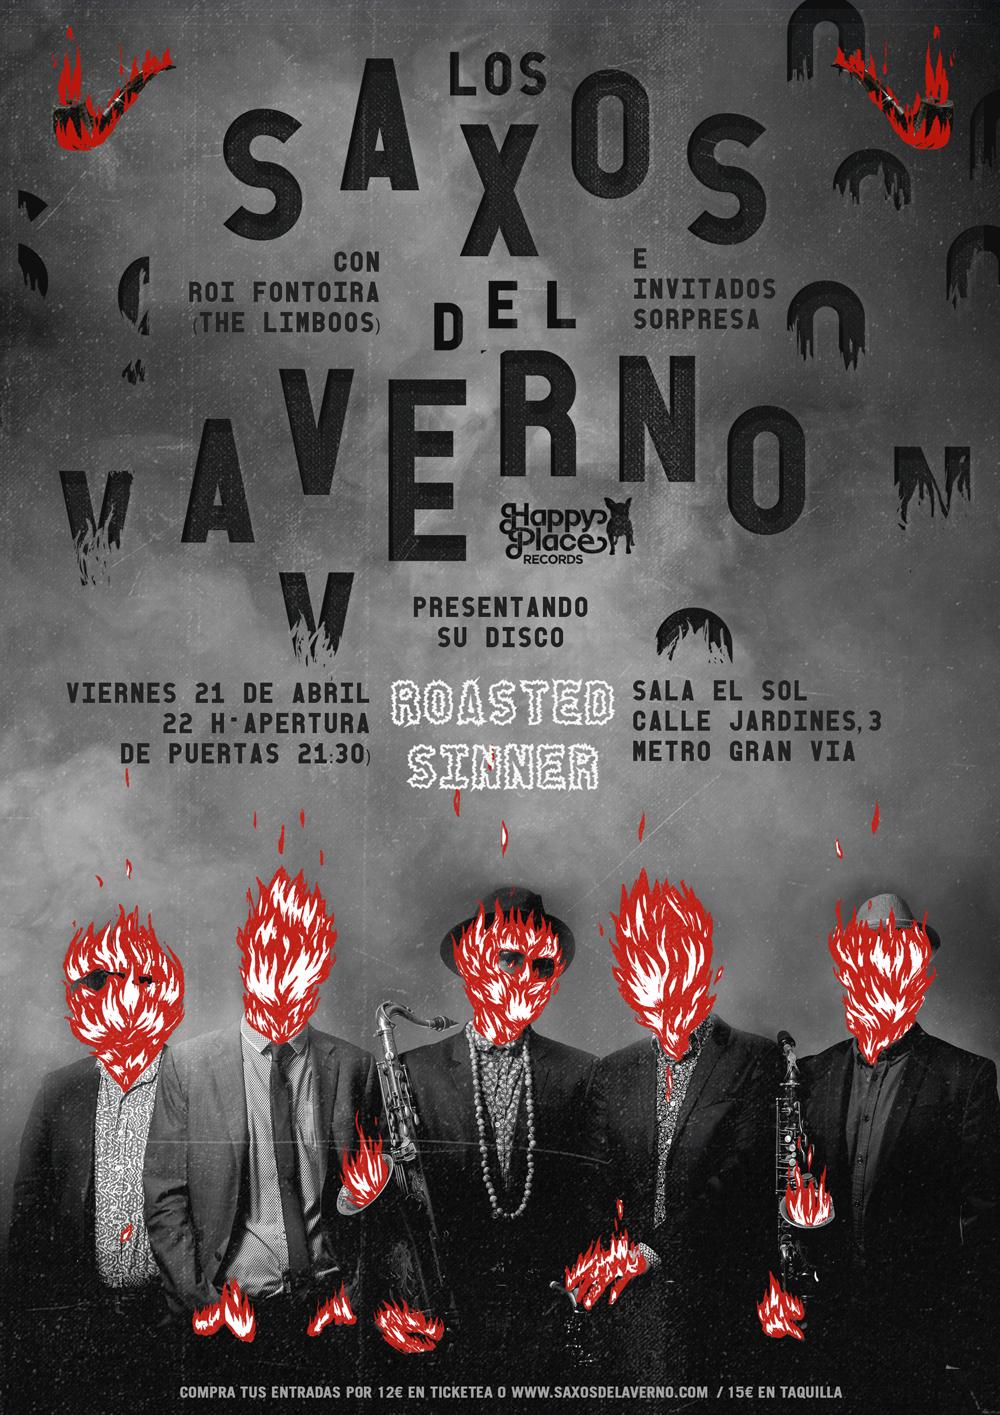 Los Saxos del Averno presentan su nuevo disco en la sala El Sol el 21 de abril. Entradas ya a la venta: https://www.ticketea.com/entradas-concierto-presentacion-disco-los-saxos-del-averno/